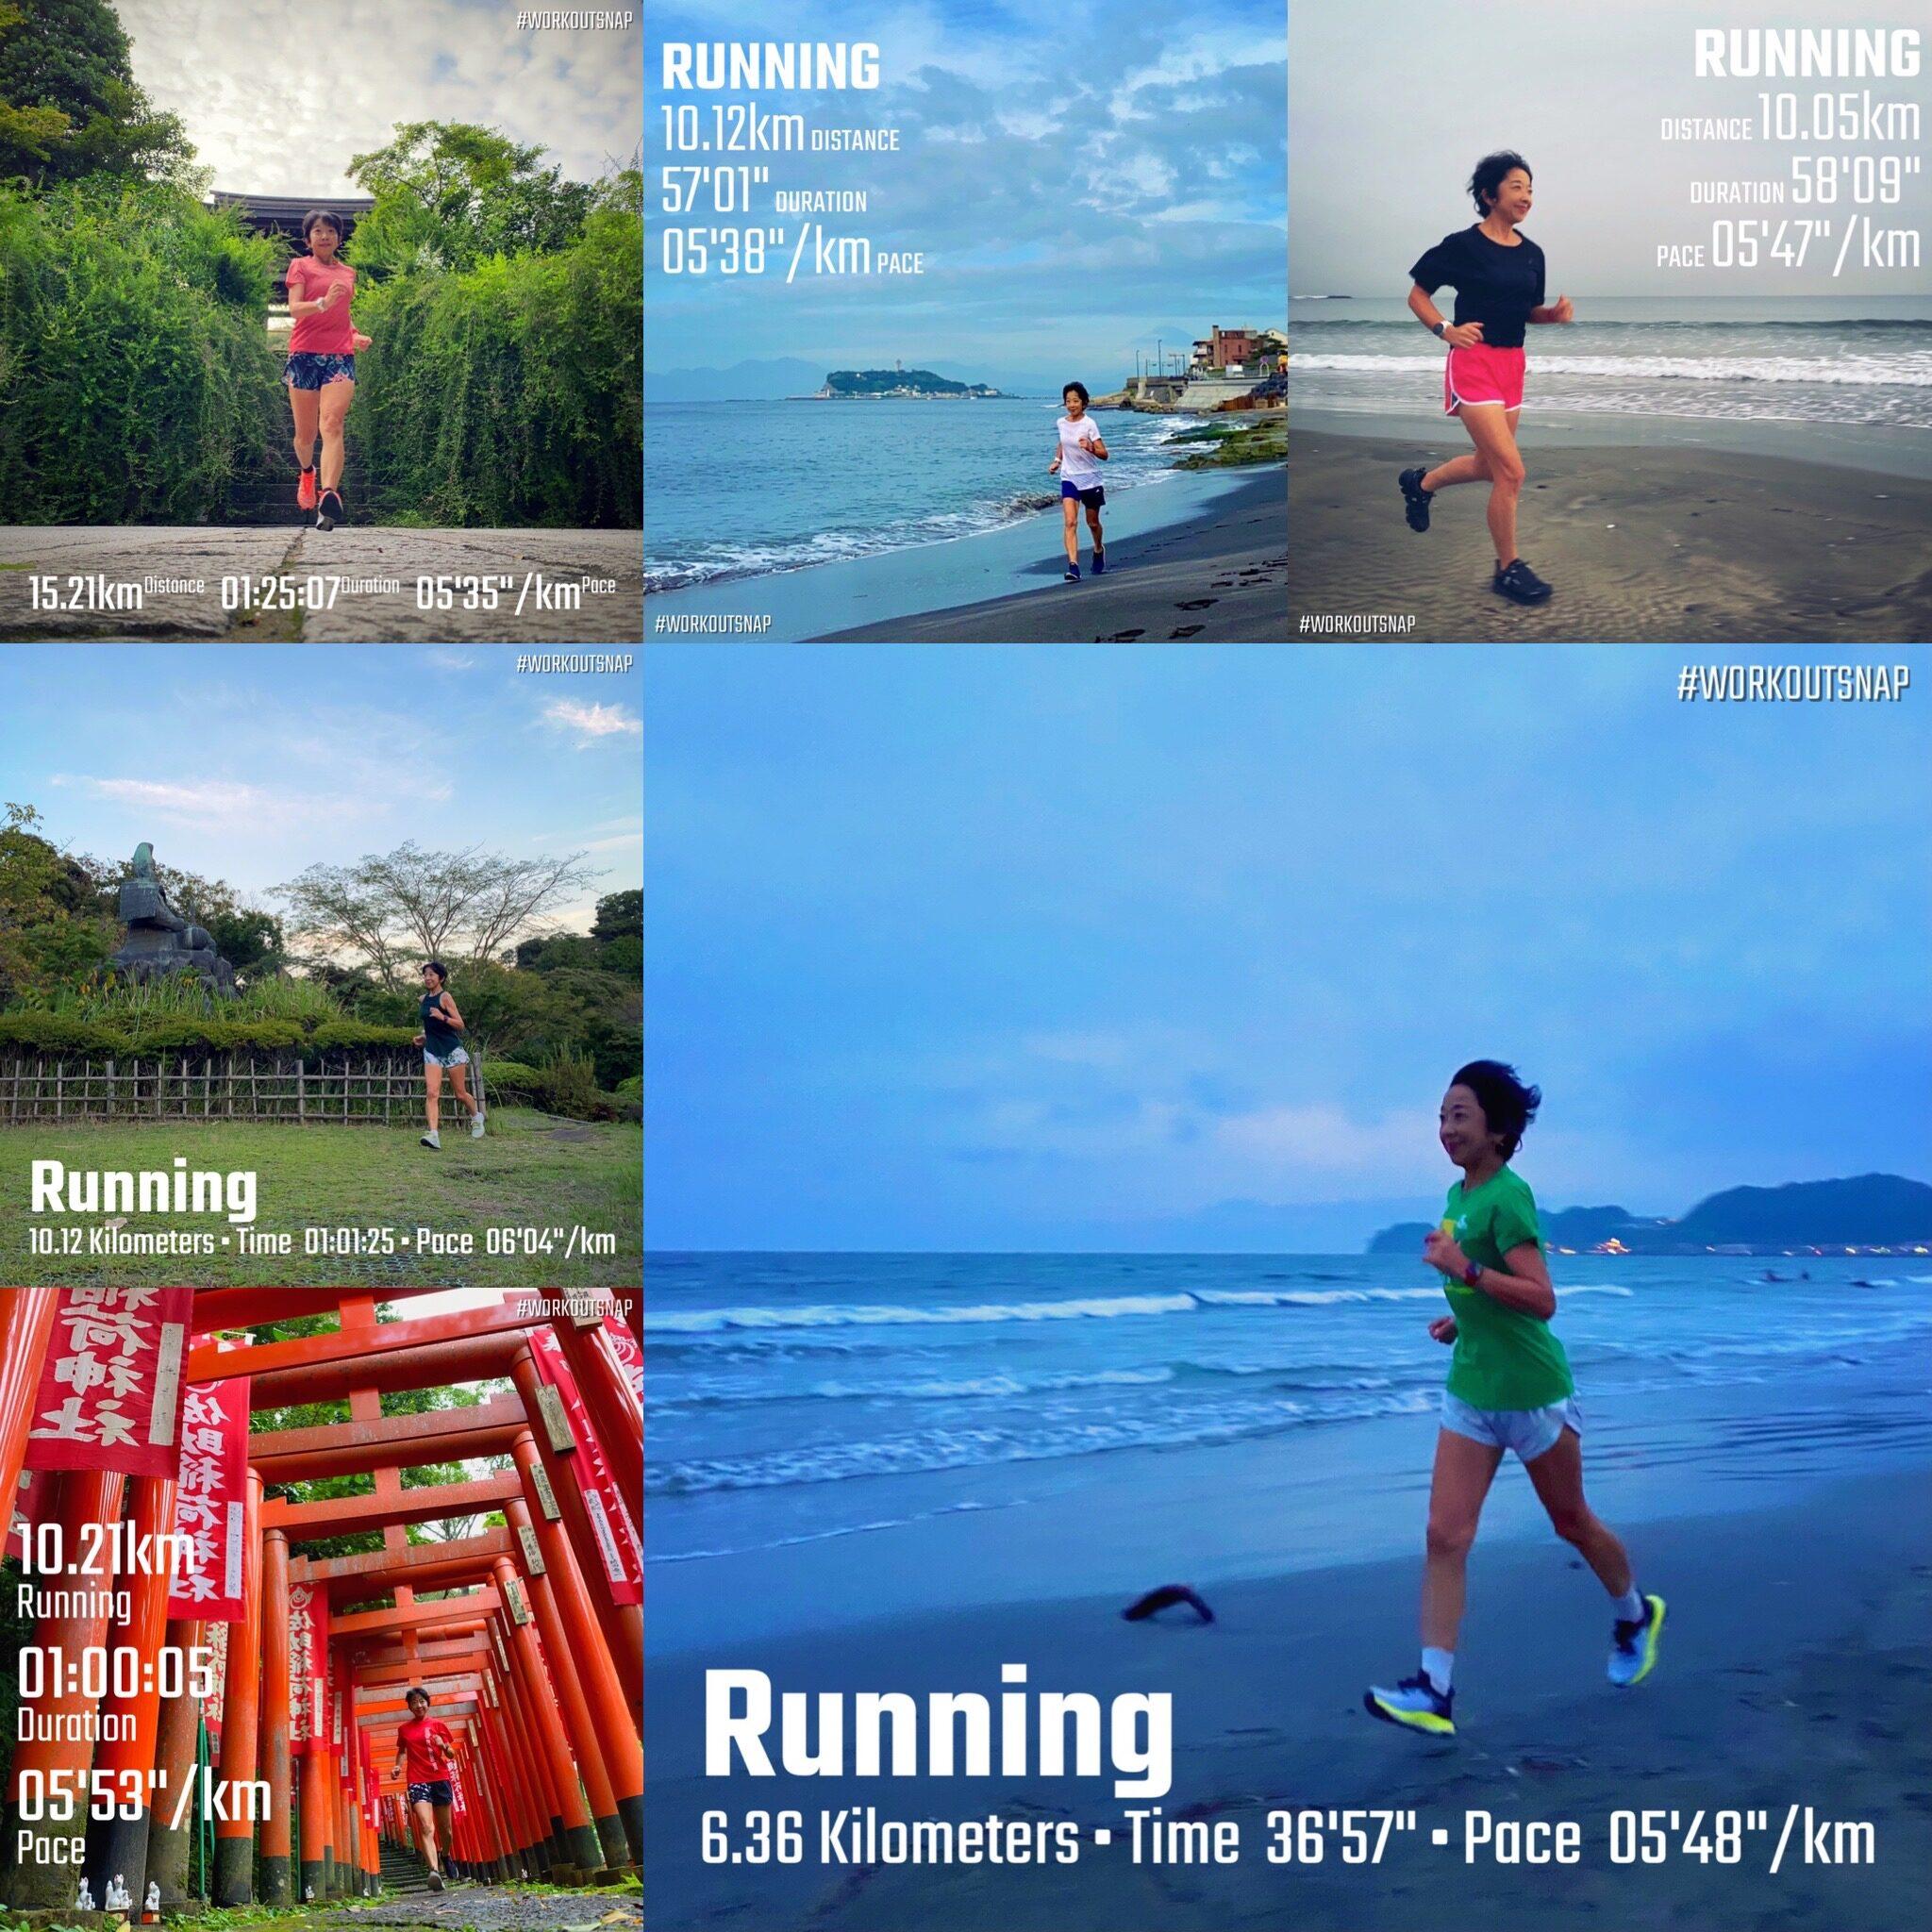 東京マラソン開催の行方と緊急事態宣言の期限延長【週刊ラン日誌】